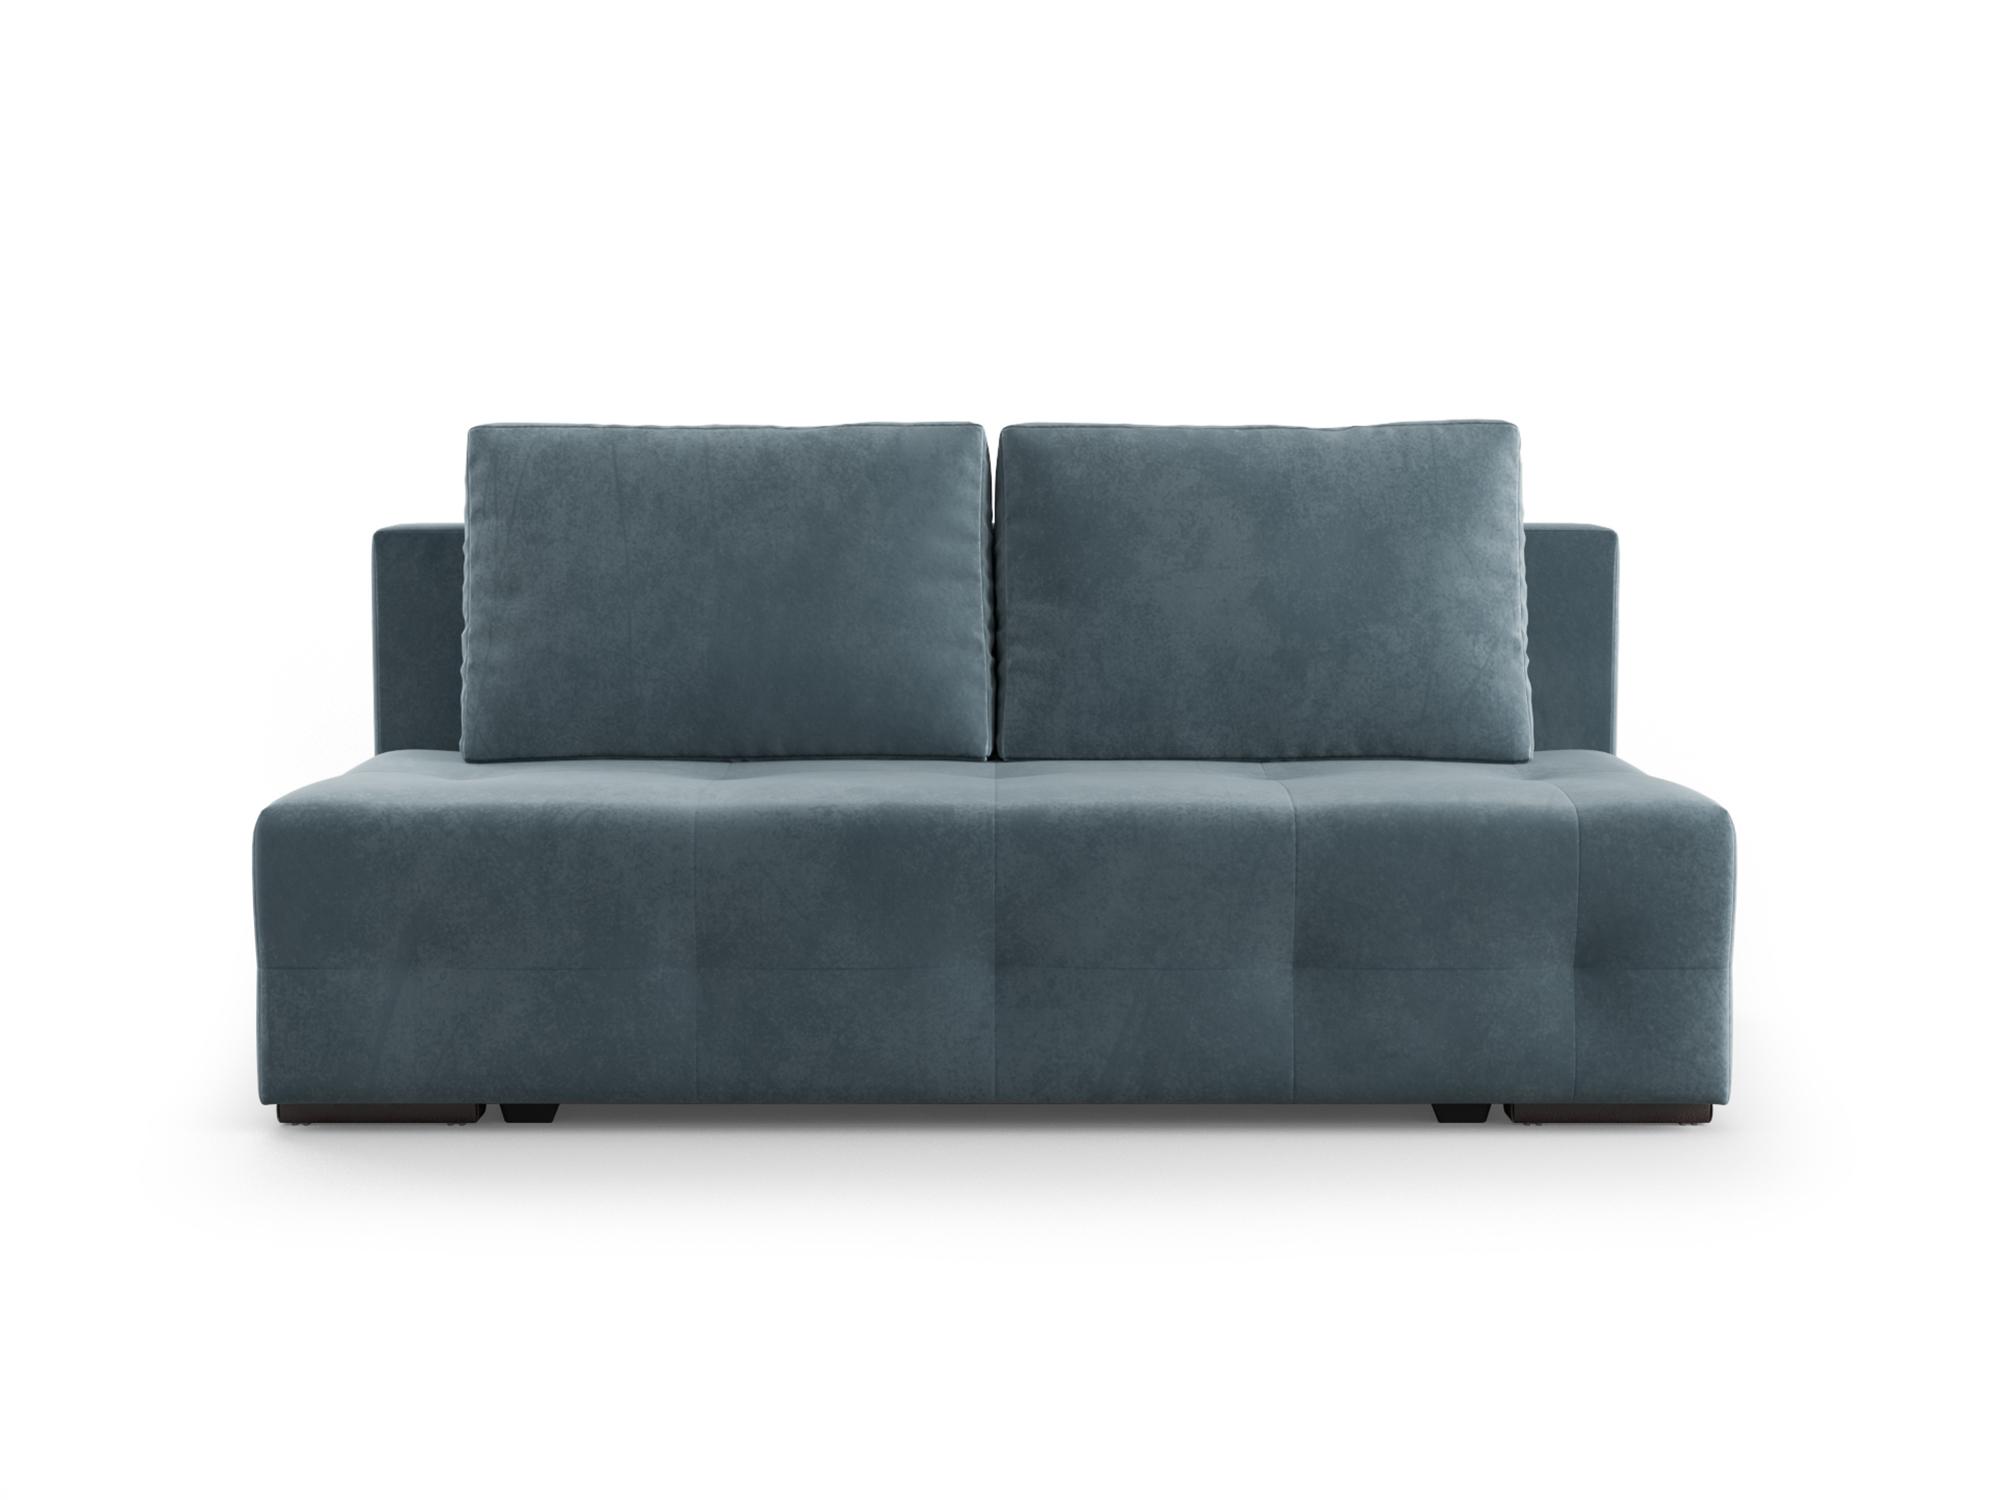 Фото - Диван Марсель 1 MebelVia Серый, Велюр, Брус сосны диван мальтида mebelvia серый велюр брус сосны